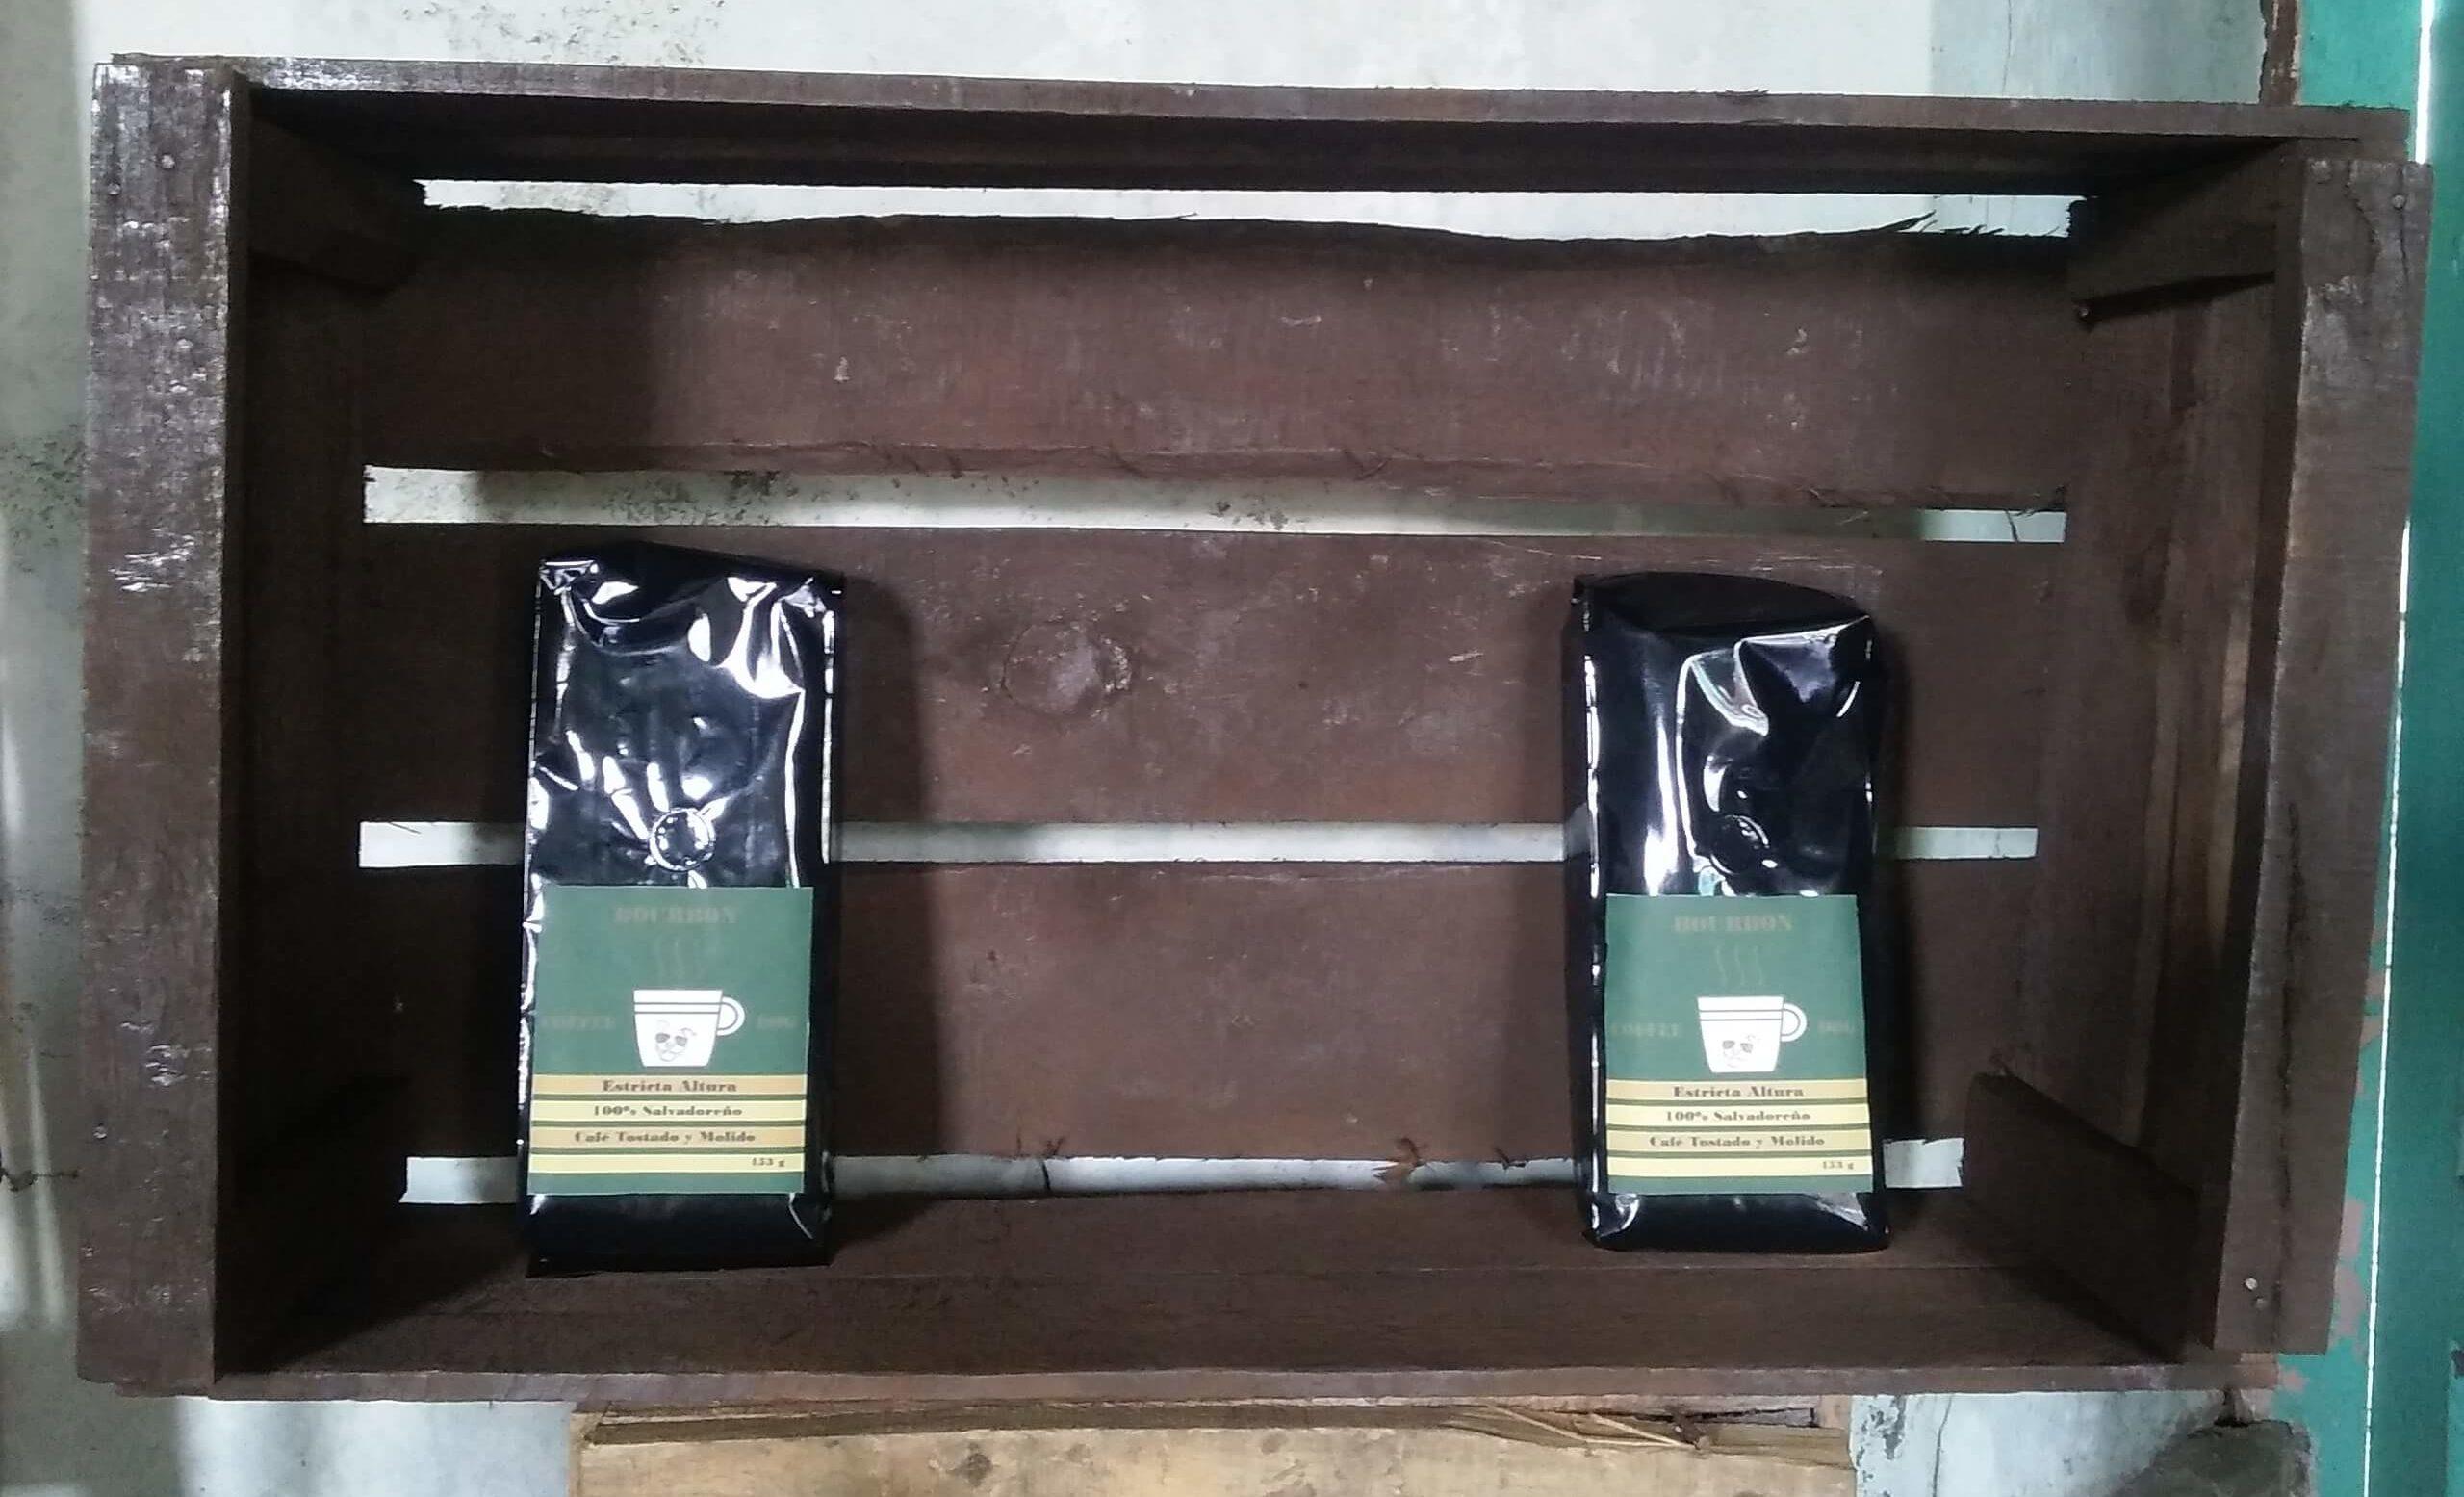 Plan de Digitalización El Salvador. Coffee Dog, productos.